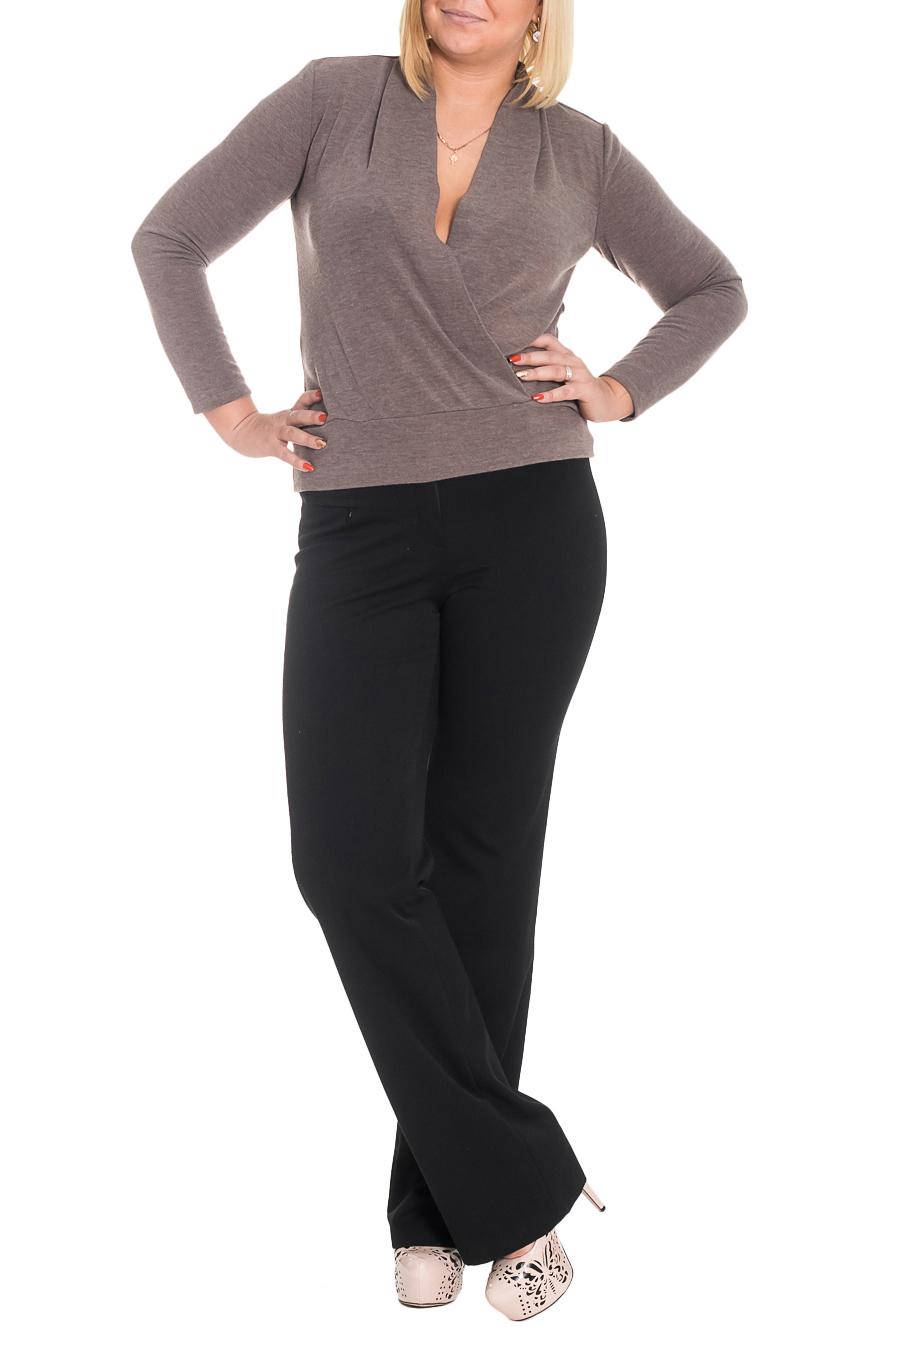 ПуловерДжемперы<br>Стильный пуловер прямого силуэта на quot;запахquot;. На спинке средний шов. По низу изделия планка. Борта обработаны обтачками. Воротник цельнокроенная quot;стойкаquot;. Рукав втачной, длинный. Цвет: серо-коричневый.  Длина рукава - 60 ± 1 см  Рост девушки-фотомодели 170 см  Длина изделия: 44 размер - 62 ± 2 см 46 размер - 62 ± 2 см 48 размер - 62 ± 2 см 50 размер - 62 ± 2 см 52 размер - 65 ± 2 см 54 размер - 65 ± 2 см 56 размер - 65 ± 2 см<br><br>Горловина: V- горловина<br>По материалу: Трикотаж<br>По рисунку: Однотонные<br>По сезону: Зима,Осень,Весна<br>По силуэту: Полуприталенные,Прямые<br>По стилю: Классический стиль,Кэжуал,Повседневный стиль<br>По элементам: С декором,Со складками<br>Рукав: Длинный рукав<br>Размер : 46,50<br>Материал: Трикотаж<br>Количество в наличии: 7